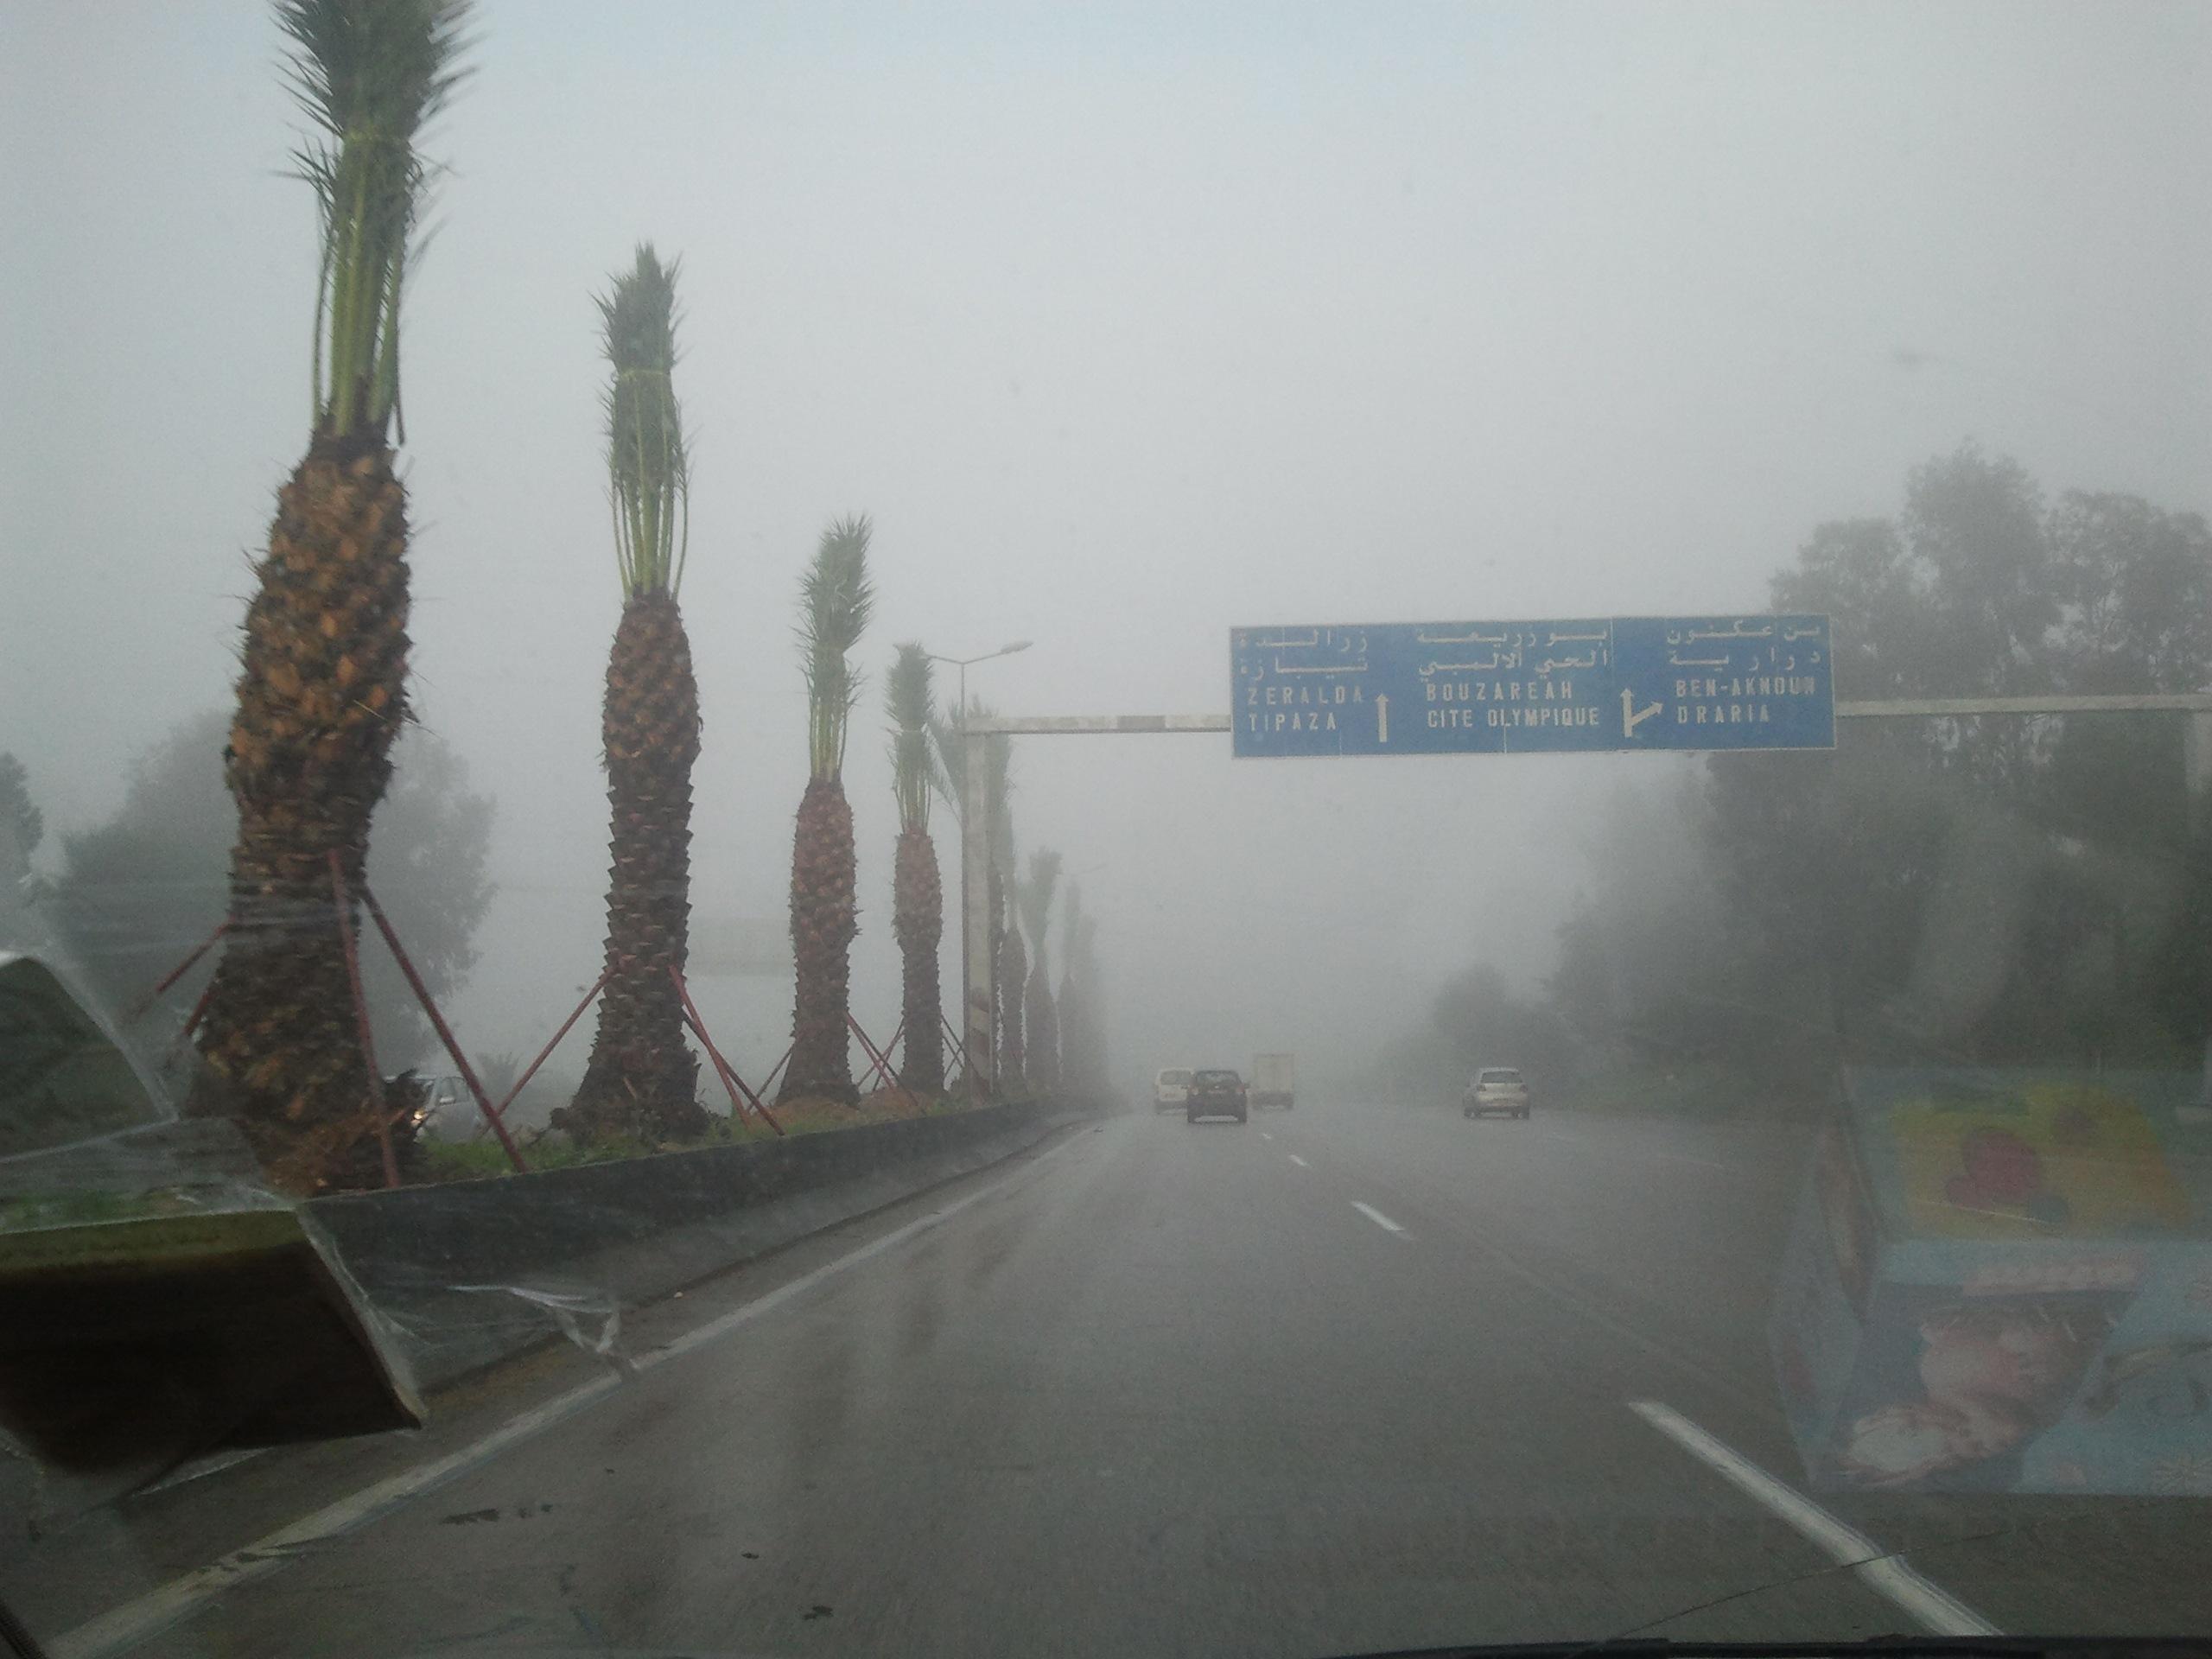 اضطراب جوي نشيط شمال الجزائر